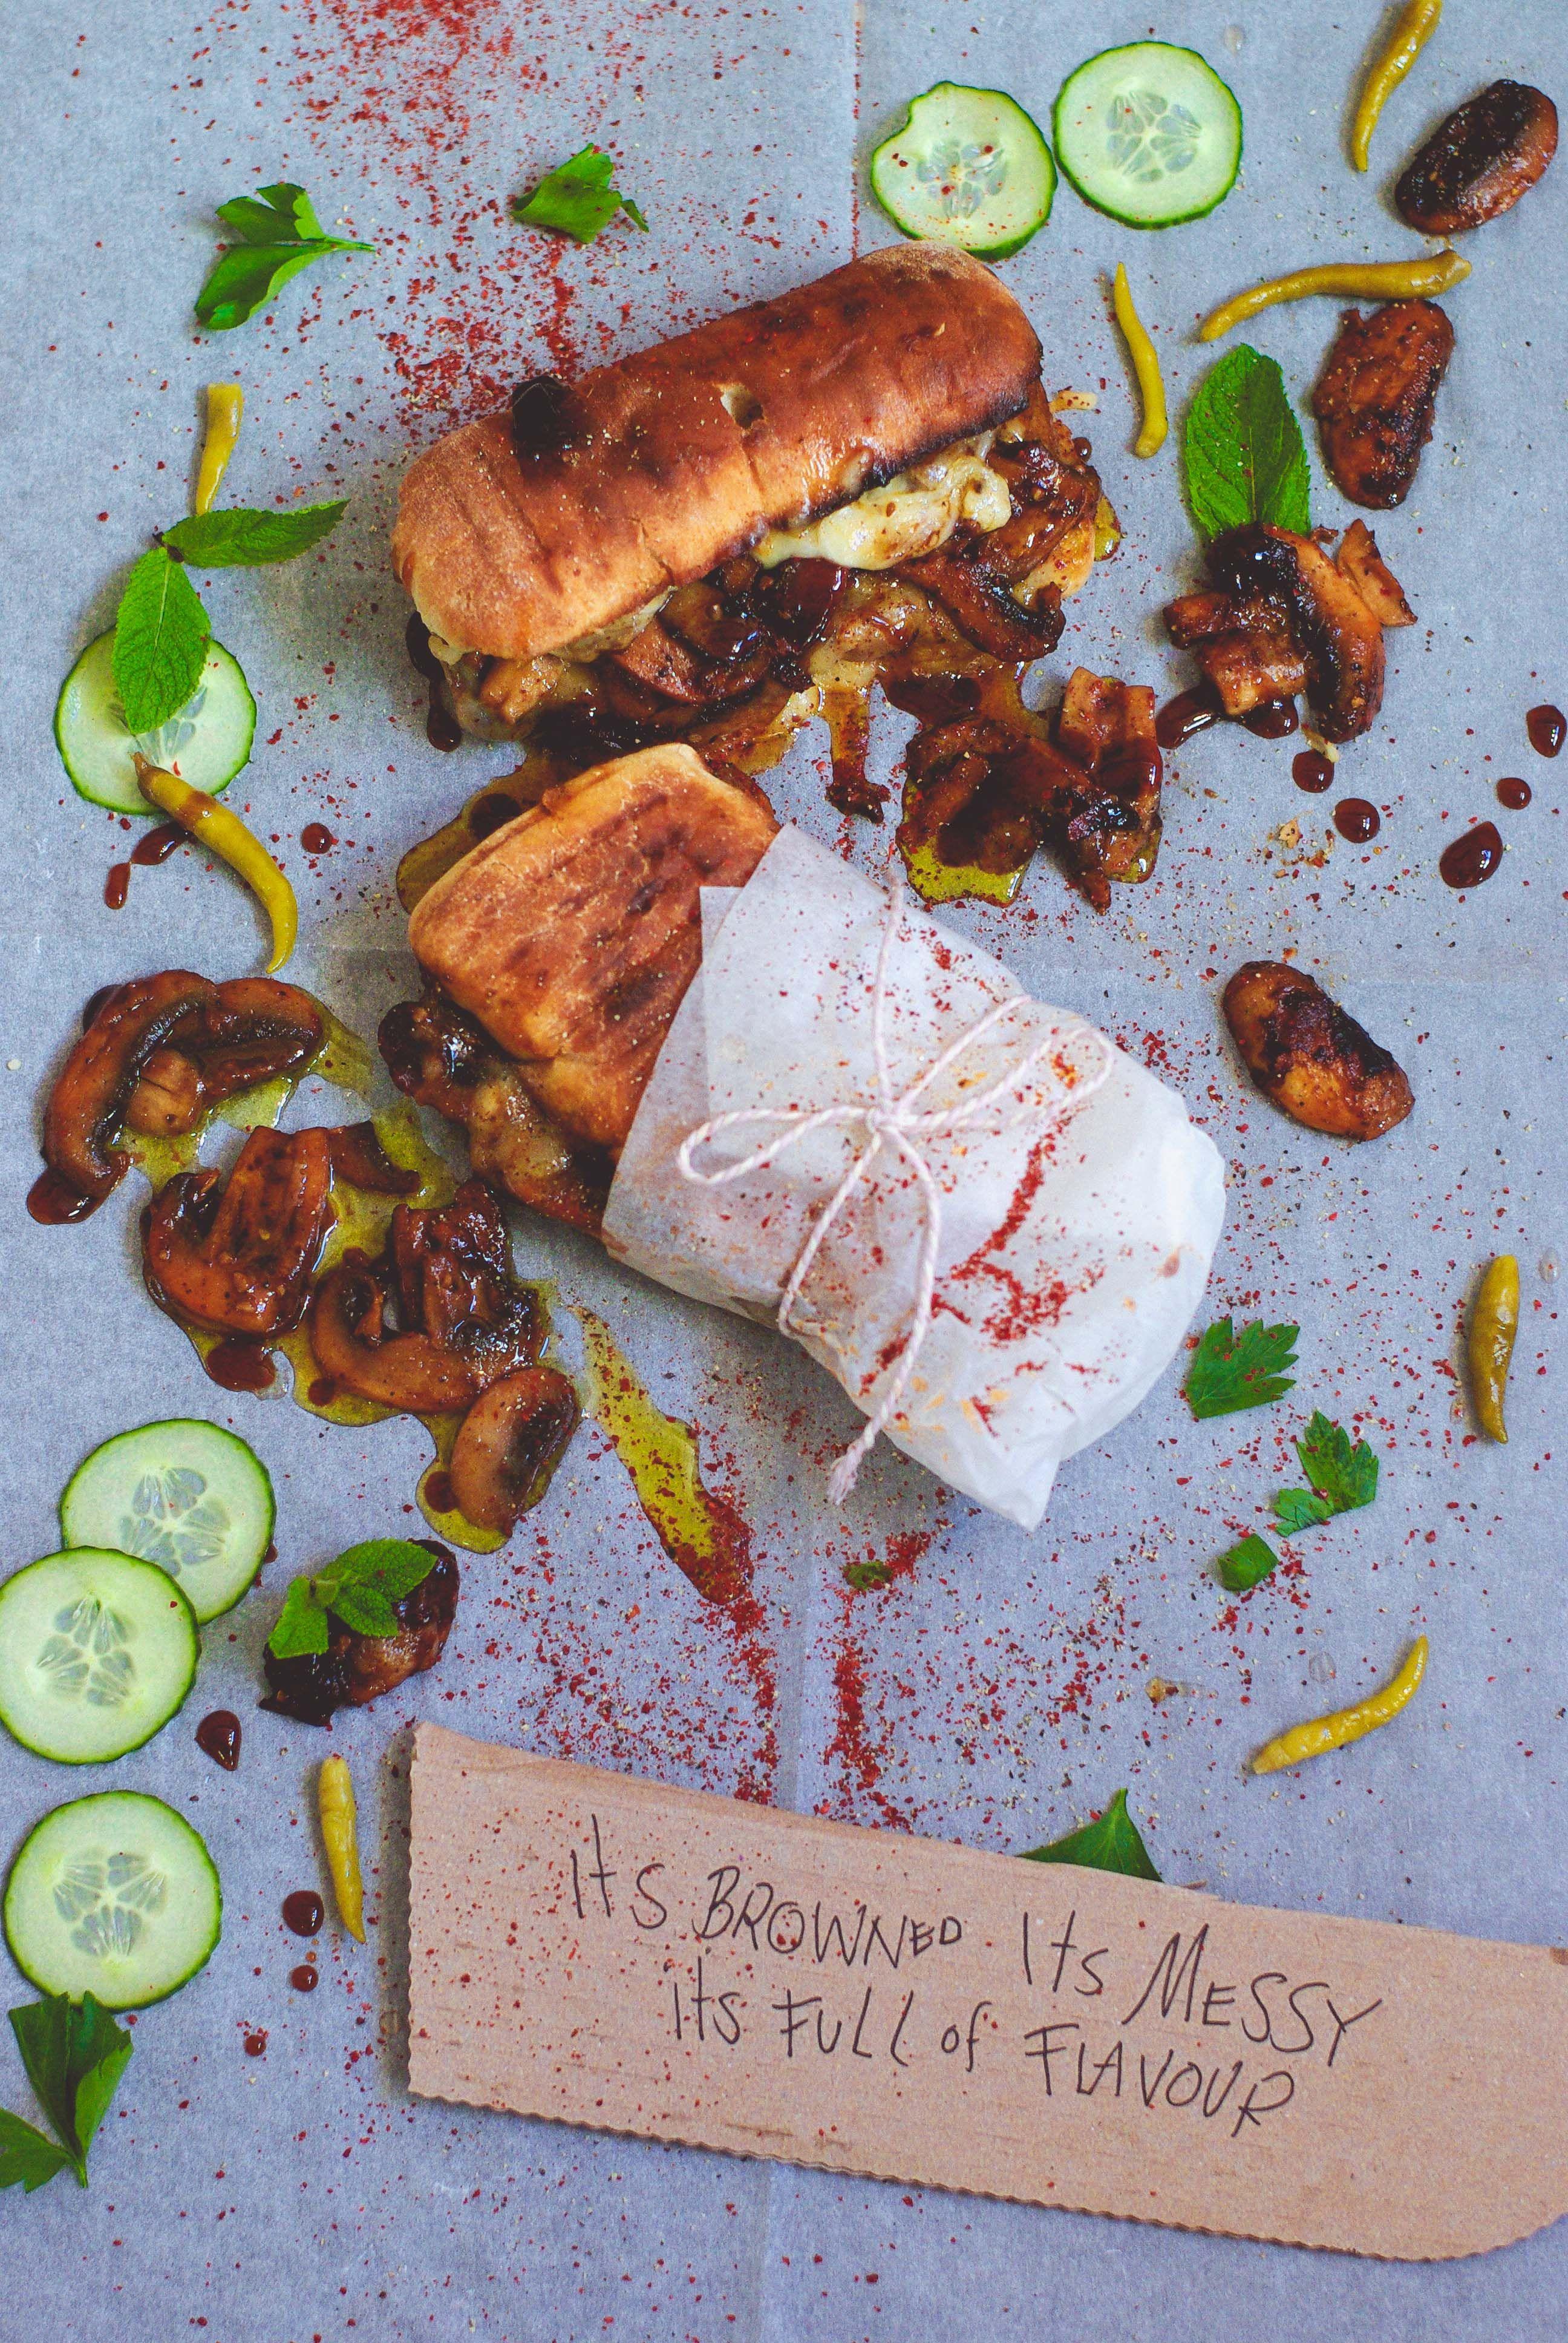 Smokey mushroom cheesesteak for Happy Hour